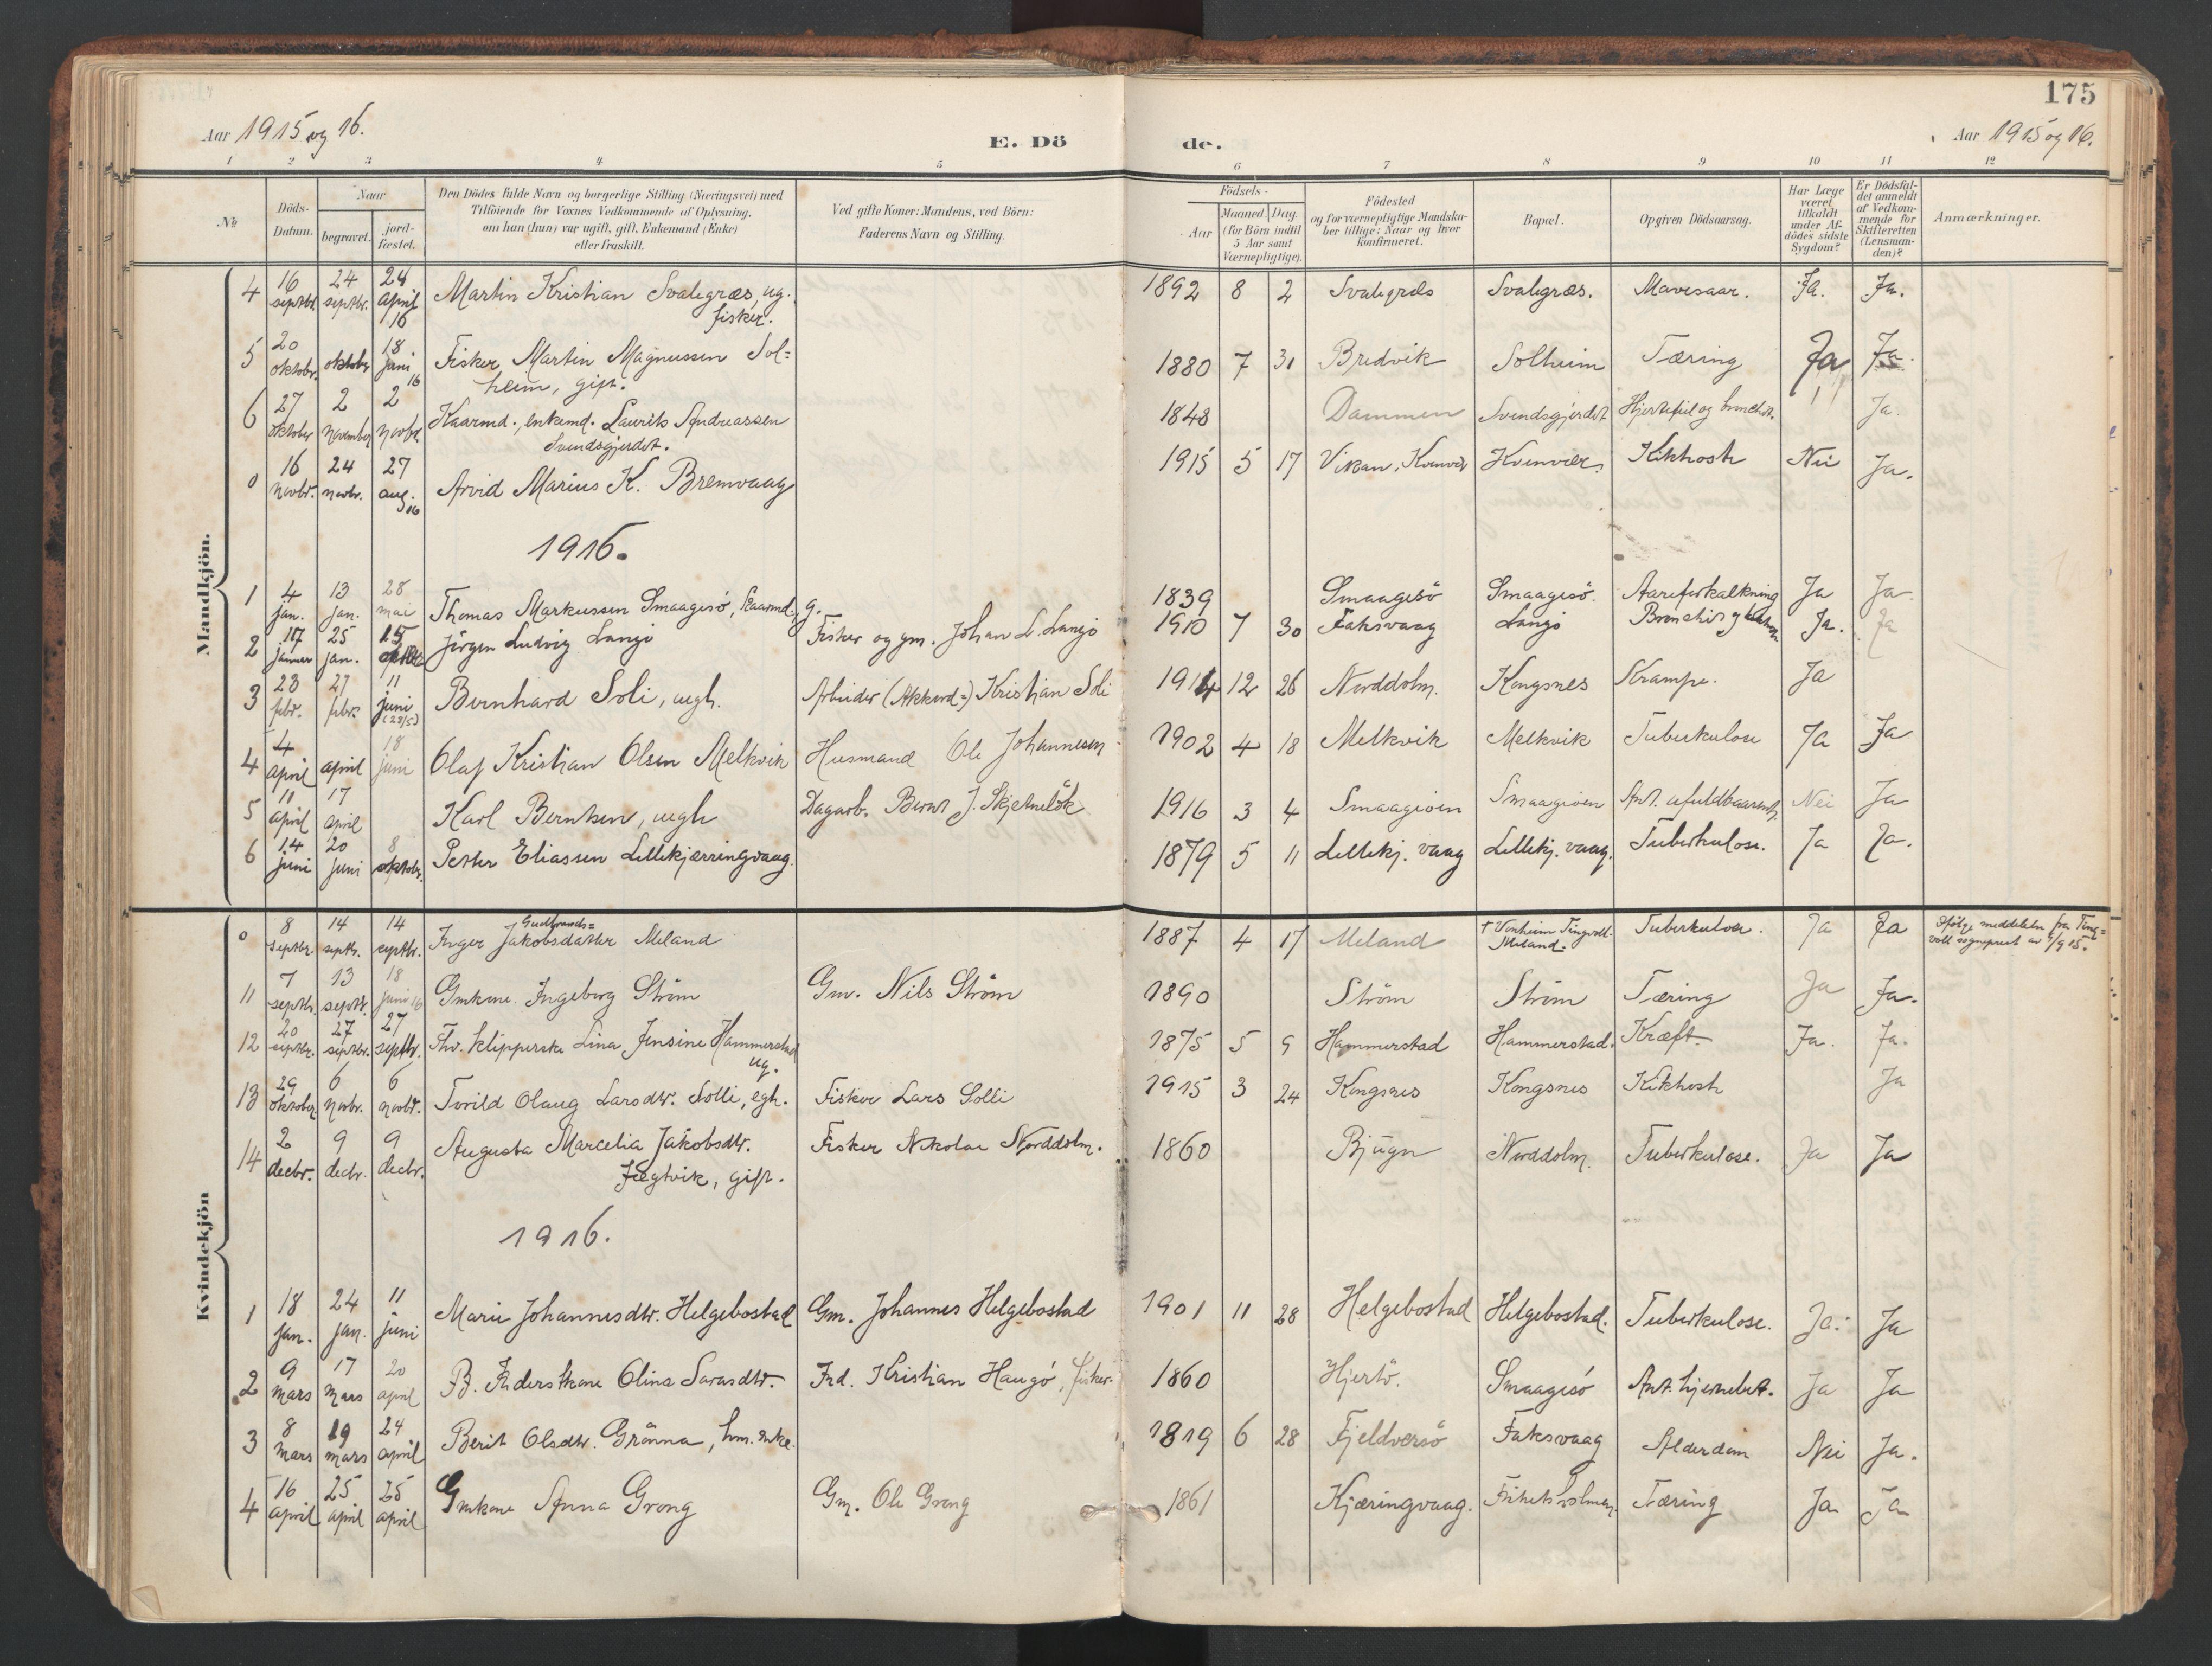 SAT, Ministerialprotokoller, klokkerbøker og fødselsregistre - Sør-Trøndelag, 634/L0537: Ministerialbok nr. 634A13, 1896-1922, s. 175